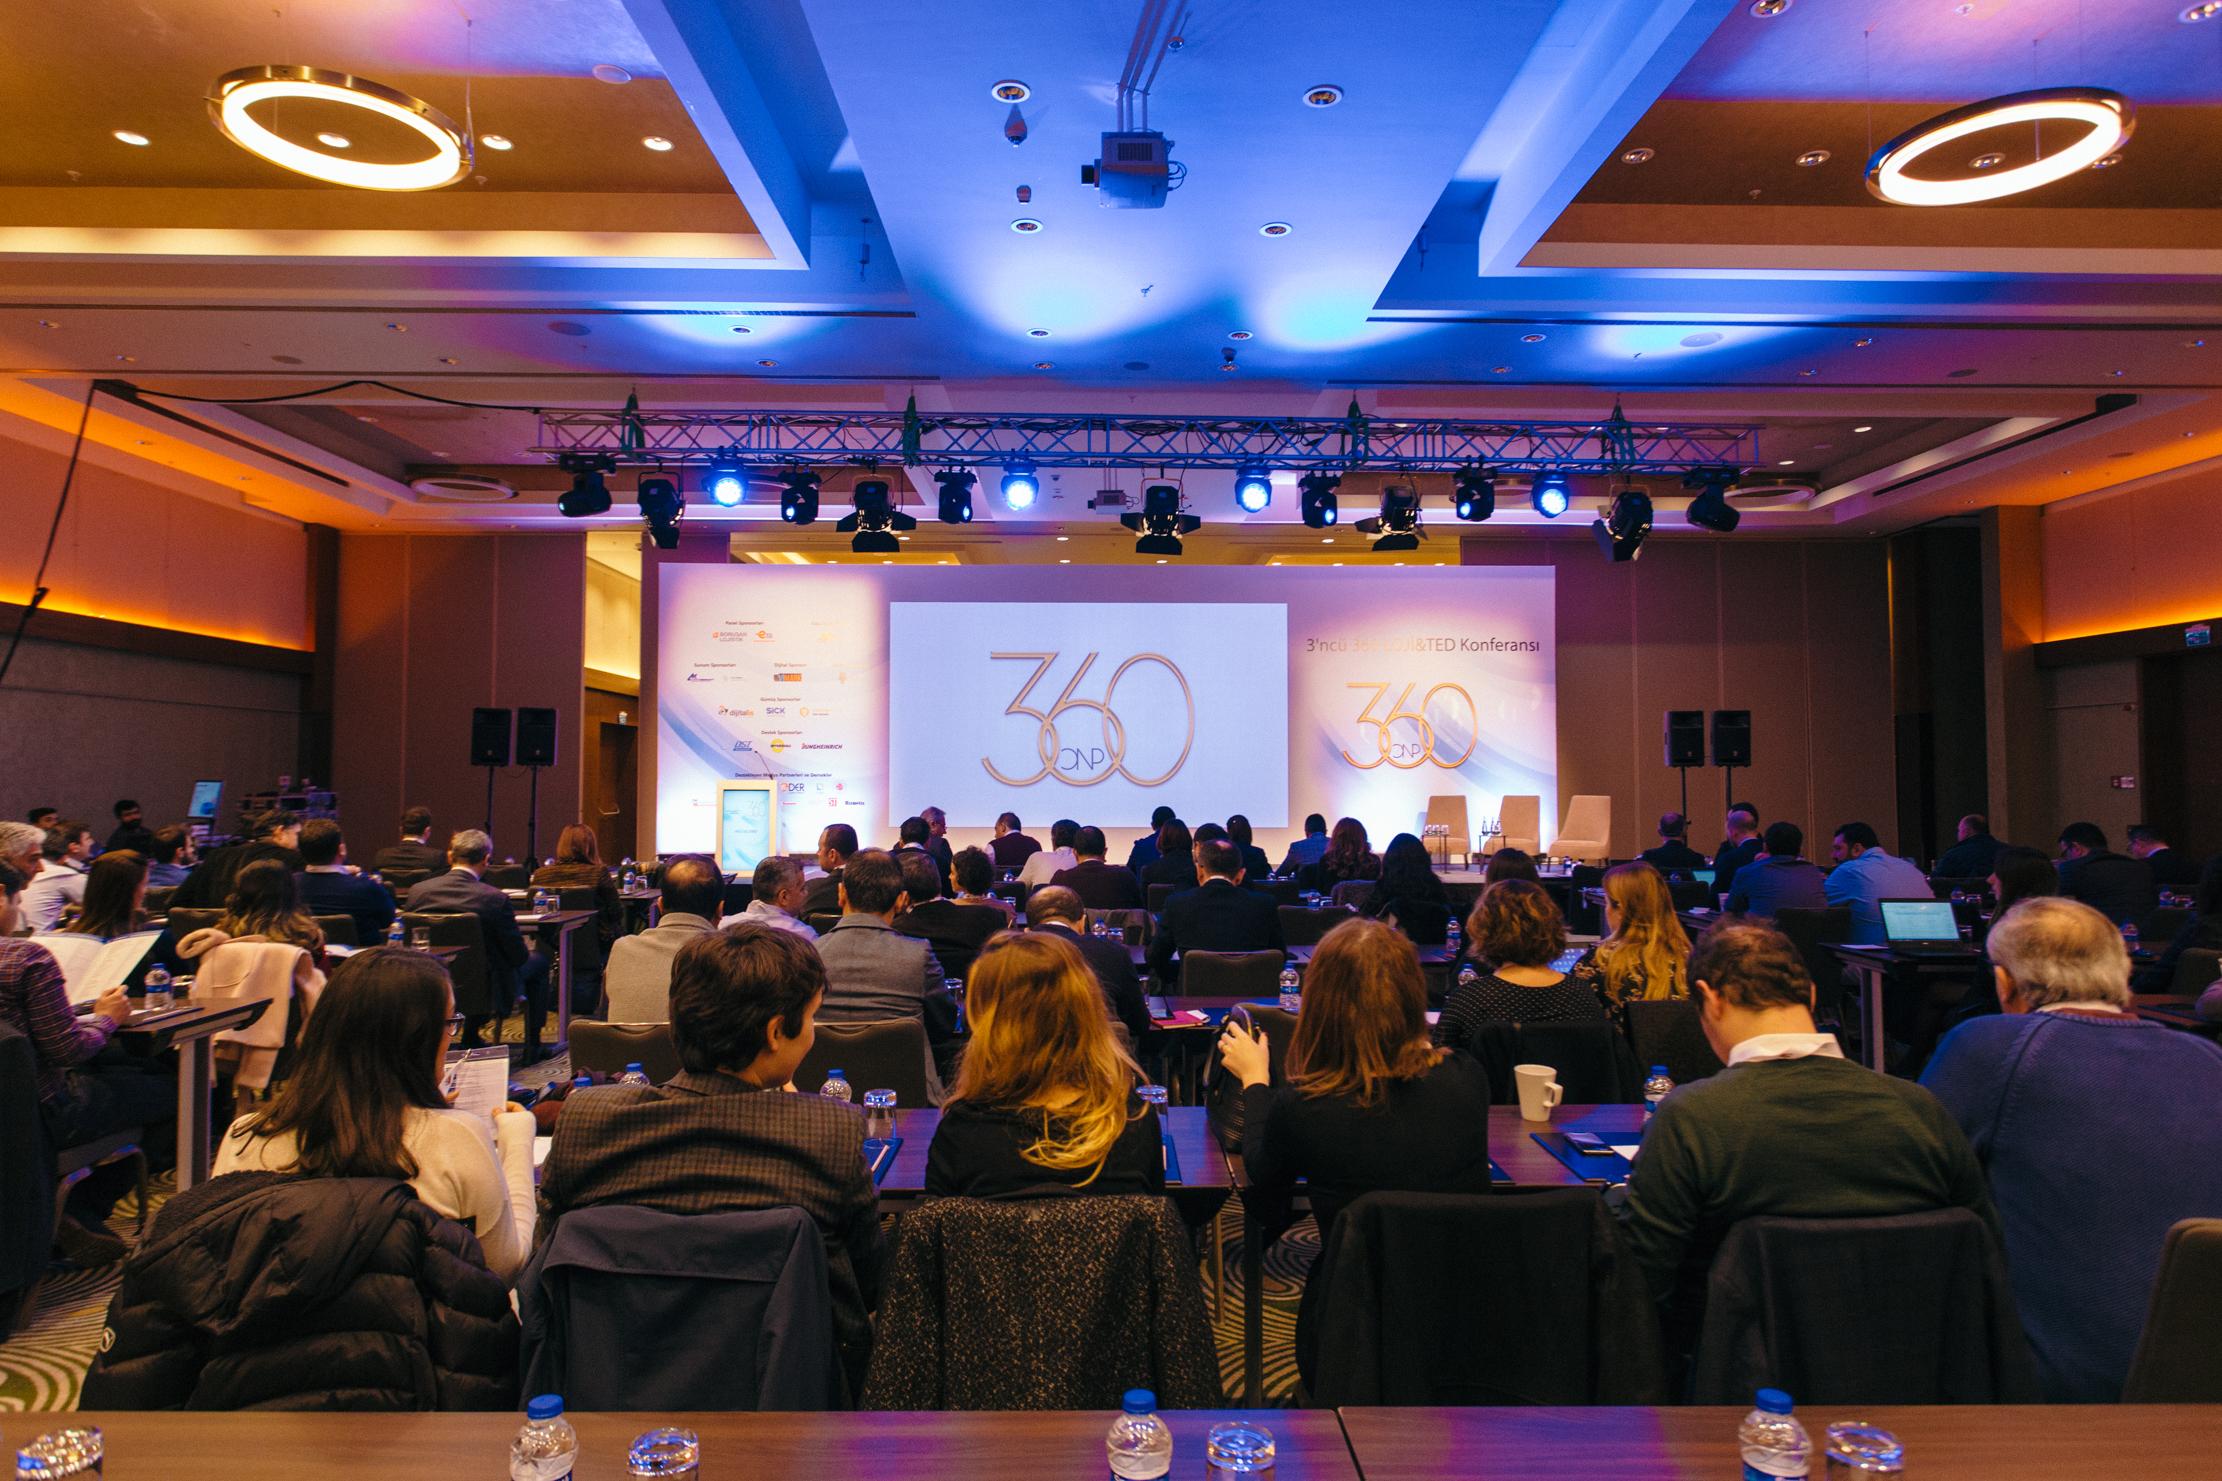 4. Uluslararası 360 LOJİ&TED'' Konferansına GERİ SAYIM BAŞLADI!